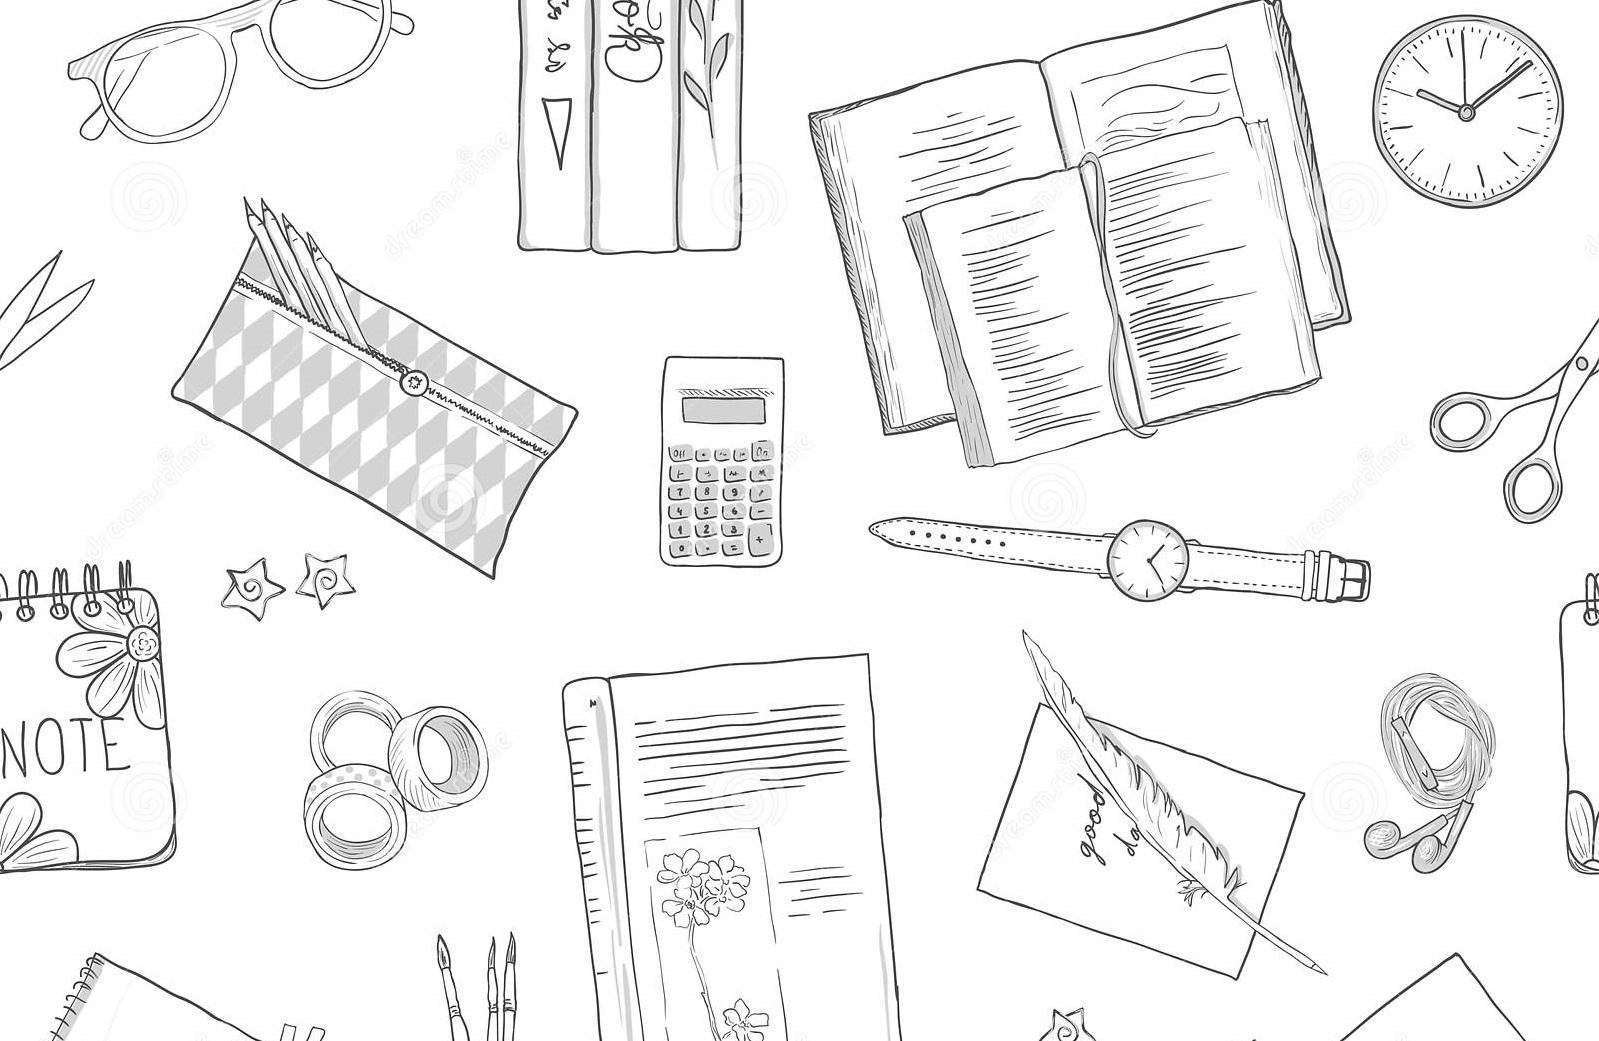 configuração-do-plano-dos-artigos-de-papelaria-livros-fundo-que-estuda-estilo-vida-criativo-linha-tirada-planeando-teste-padrão-125351498